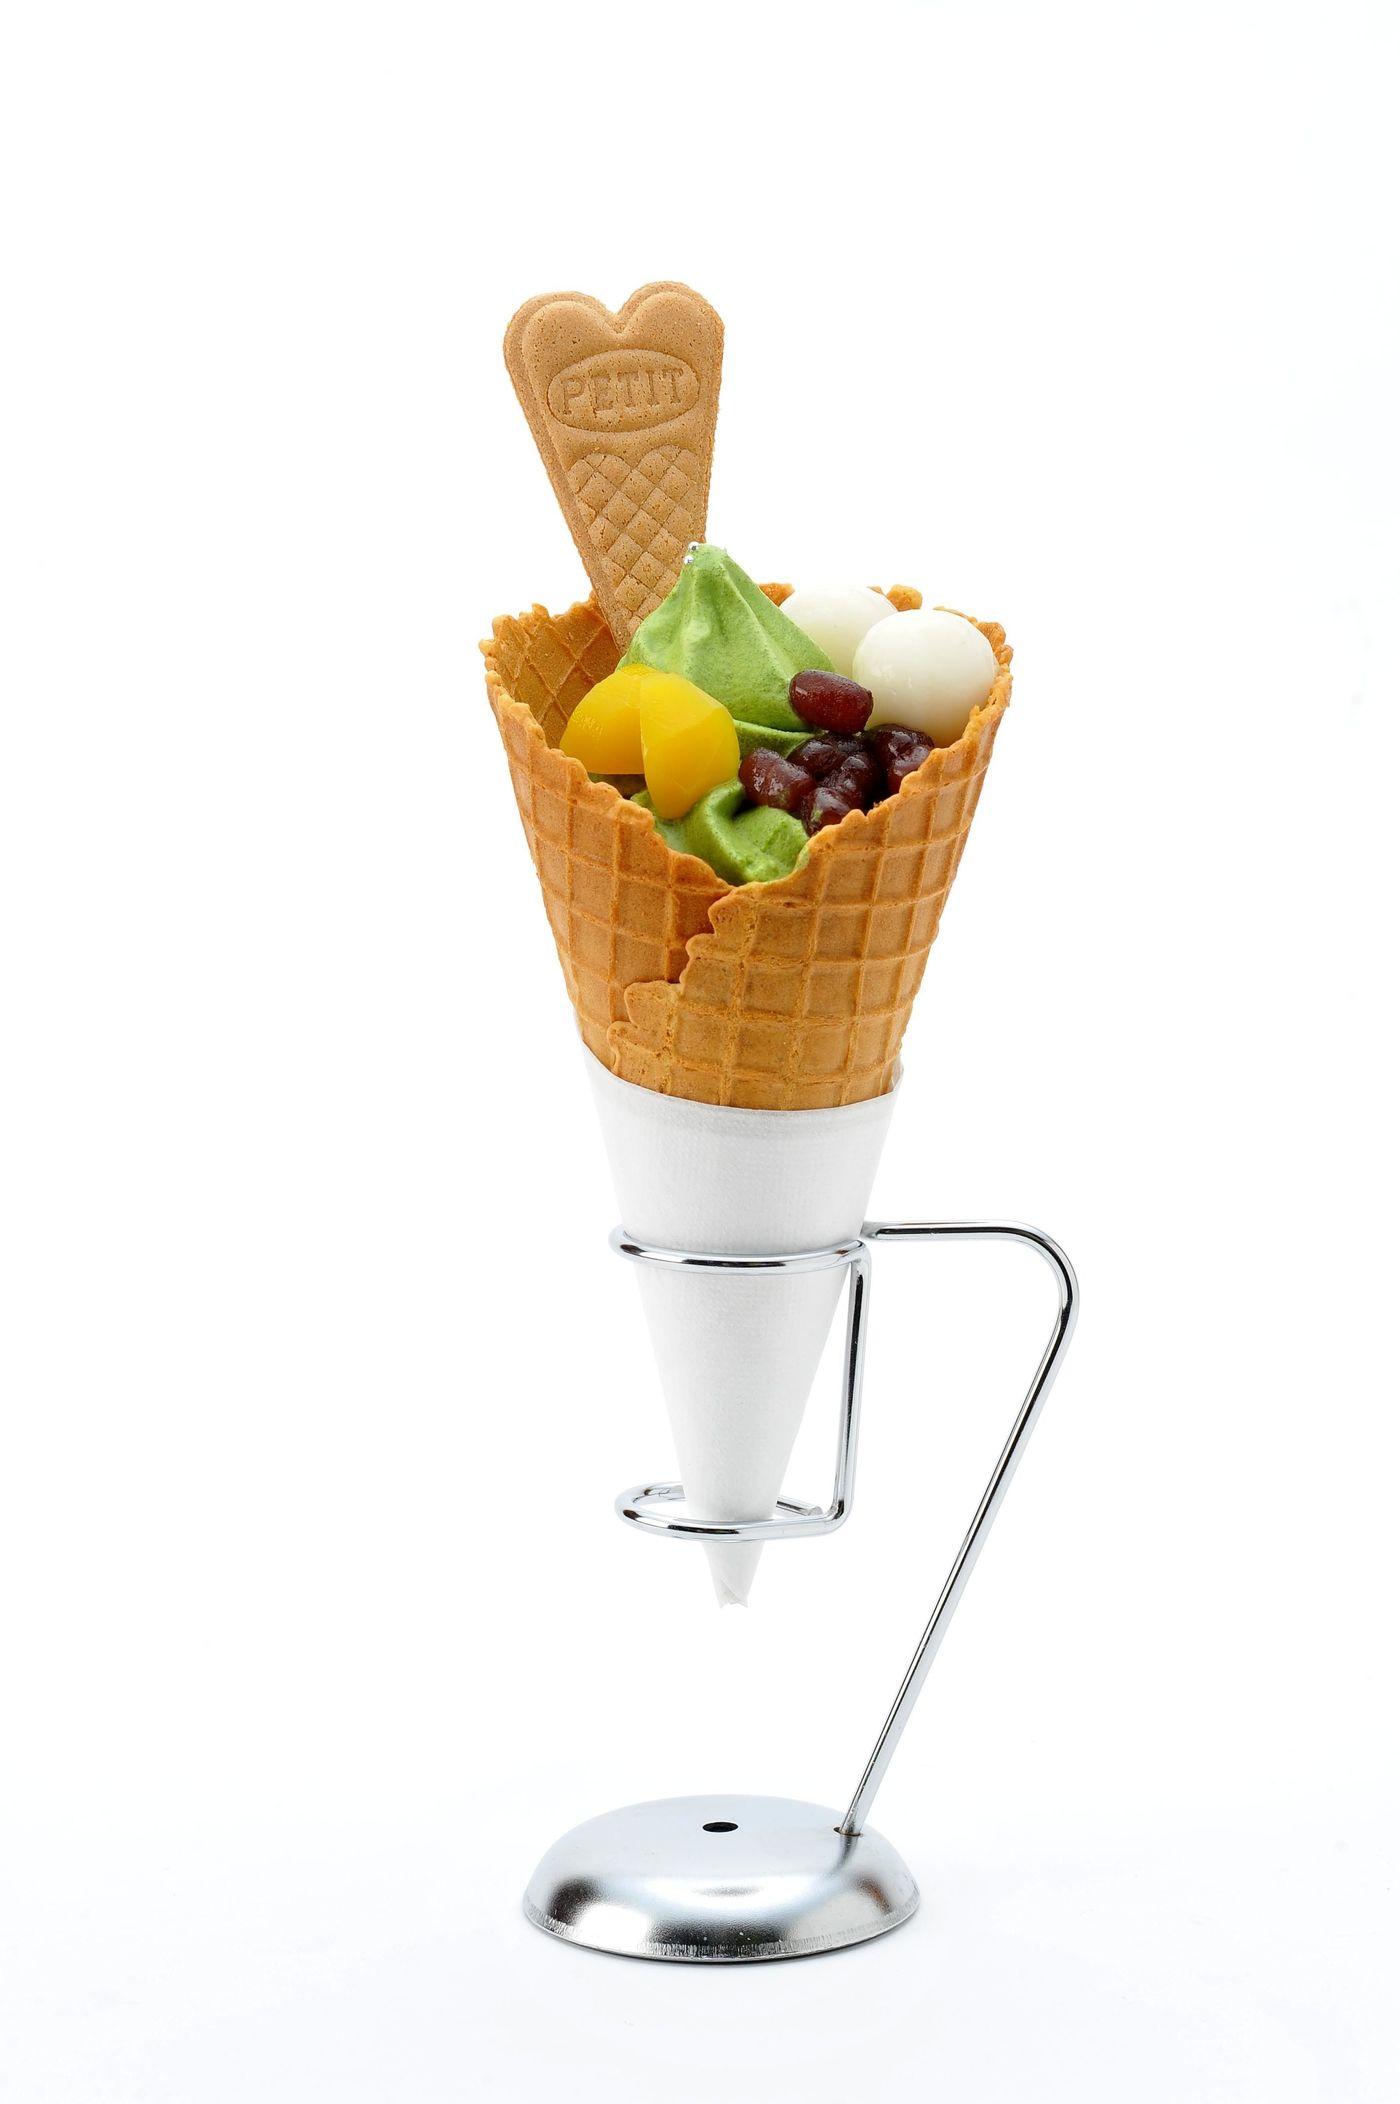 京都で食べたいアイス12選!インスタ映えから和風までご紹介の画像